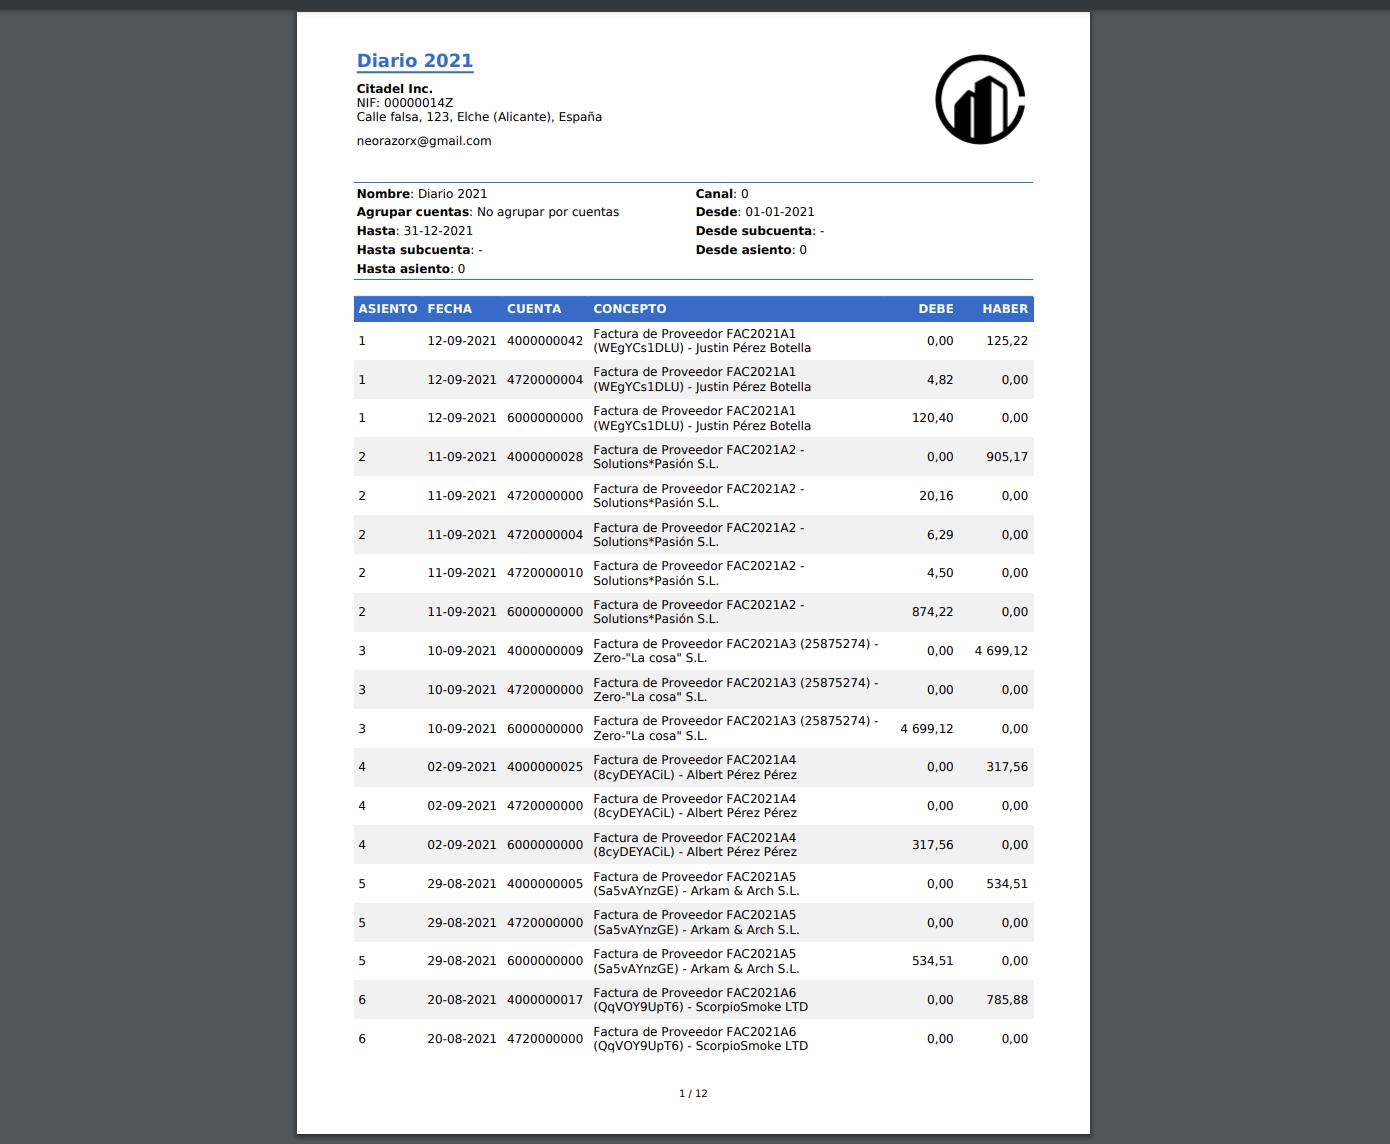 diario contable en pdf